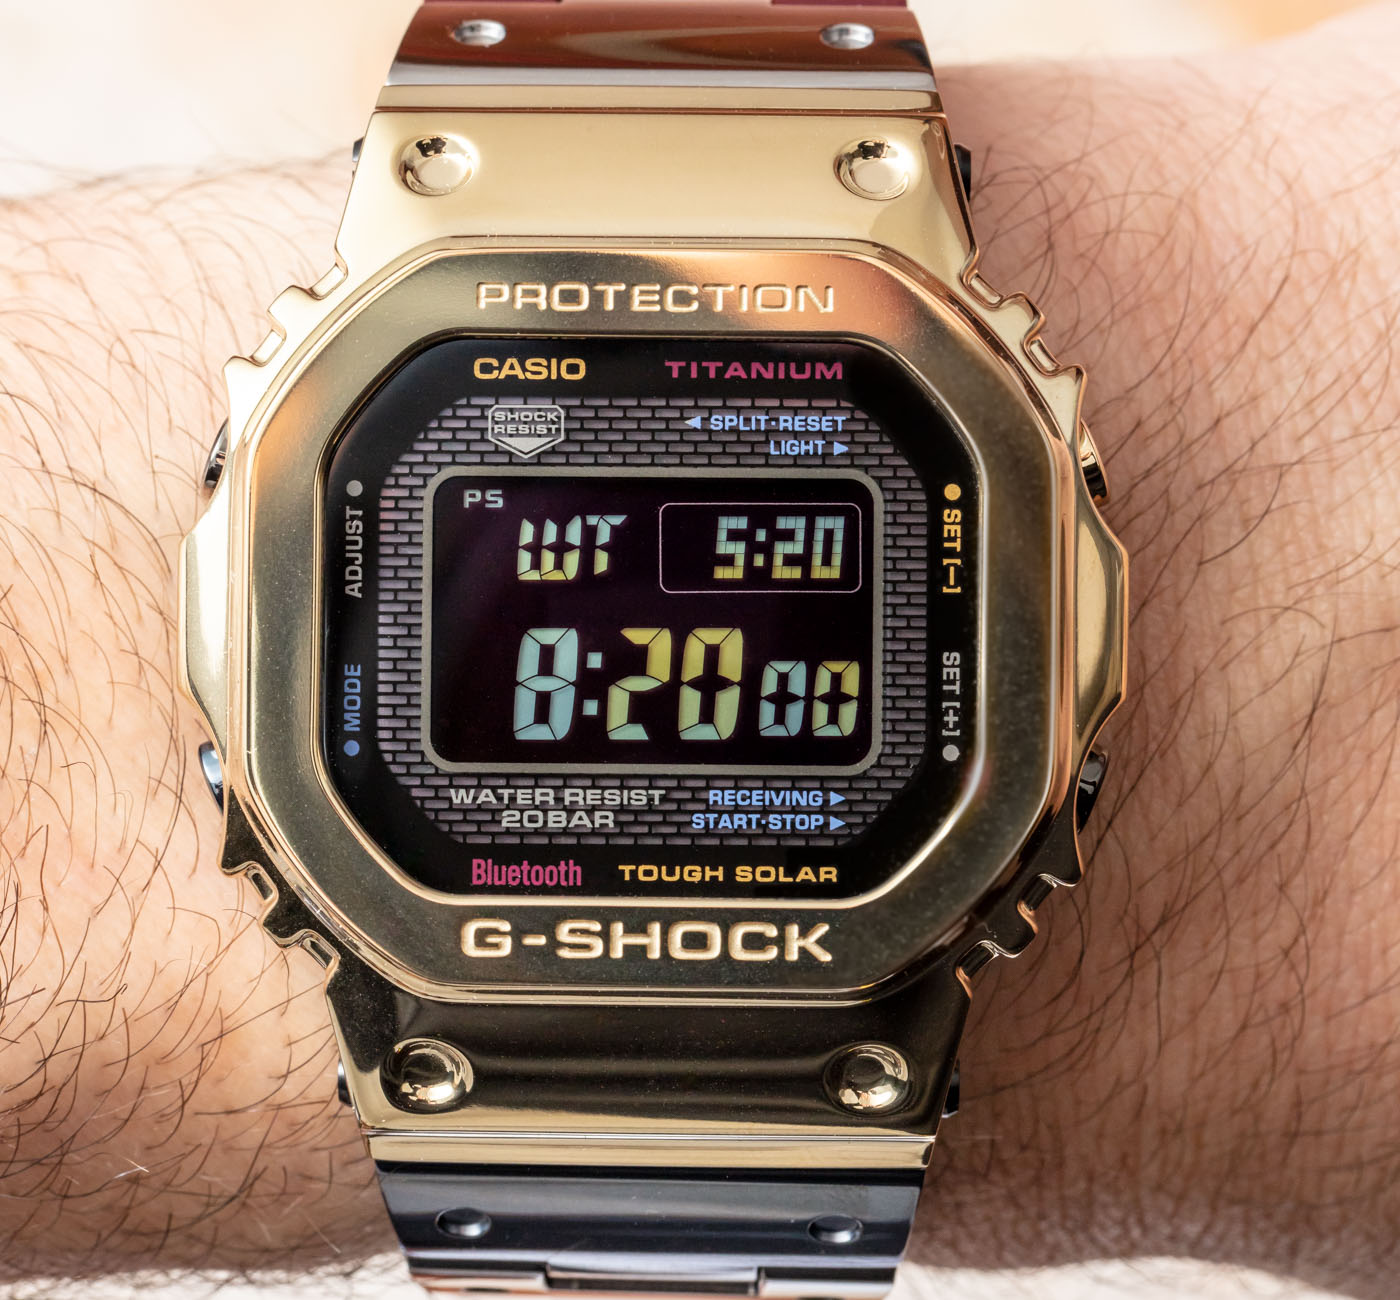 Casio представила часы ограниченной серии G-Shock